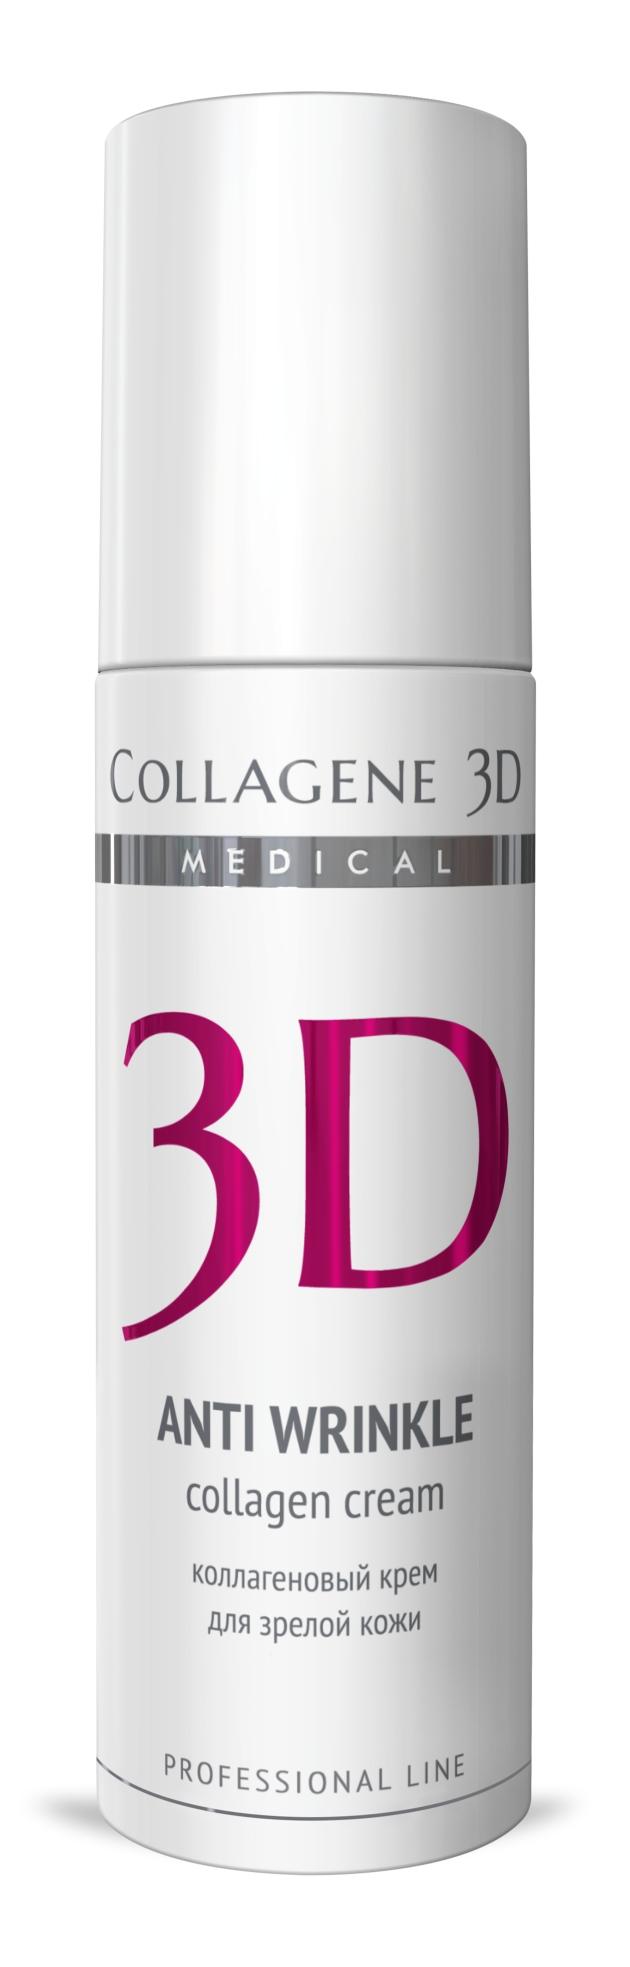 MEDICAL COLLAGENE 3D Крем с коллагеном и плацентолью для лица Anti Wrinkle 150мл проф.Кремы<br>Благодаря богатому комплексу активных ингредиентов крема уменьшается выраженность глубоких морщин, восполняется дефицит биологически активных веществ и стимулируется обновление кожи. Нативный коллаген, экстракт плаценты и гиалуроновая кислота способствуют омоложению, натуральные масла оливы и персика питают, увлажняют, обеспечивают естественную защиту, витамины А и Е   мощные антиоксиданты. Активные ингредиенты: нативный трехспиральный коллаген, экстракт плаценты, гиалуроновая кислота, масло оливы, персиковое масло, пантенол, витамин А, витамин Е. Способ применения: нанести тонким слоем на предварительно очищенную кожу лица, шеи и область декольте. Кремы рекомендуются как для экспресс-процедур, так и для курсового применения. Курсовое применение: 8-10 процедур. Проводить по 1 процедуре ежедневно или через день. Поддерживающие процедуры следует проводить 1 раз в неделю.<br><br>Назначение: Морщины